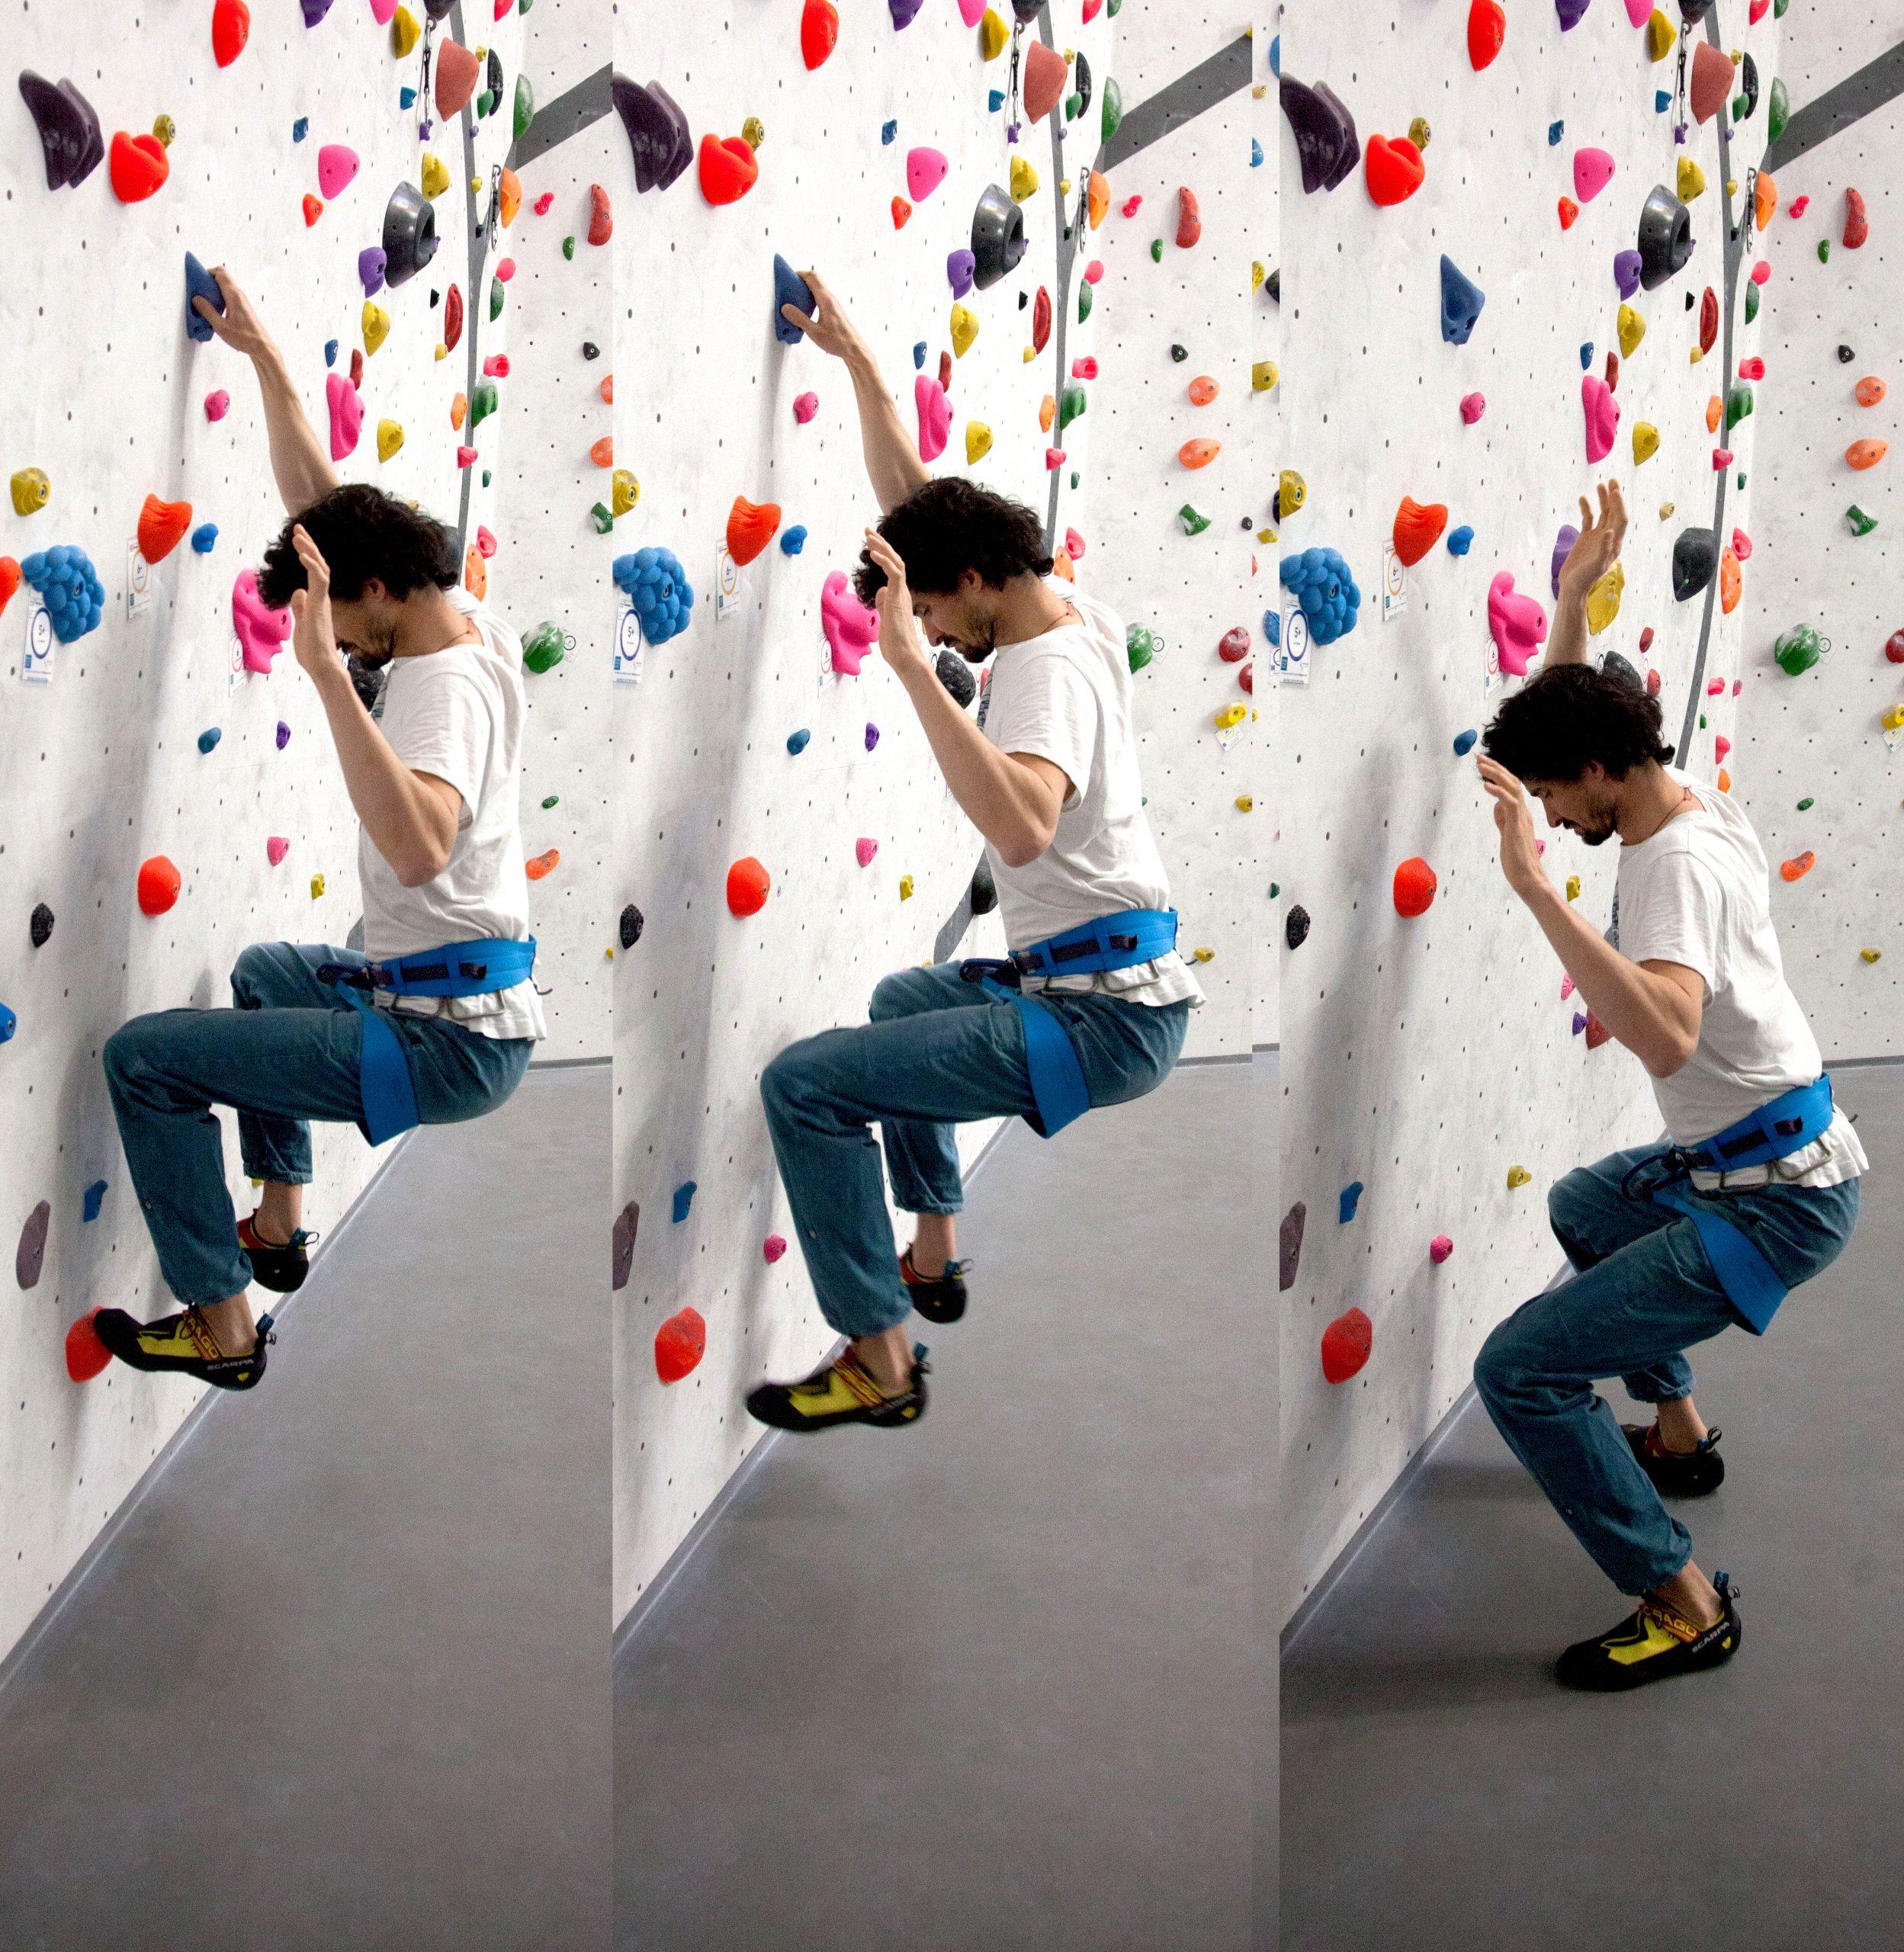 bung 1: Stabile Position einnehmen und abtropfen lassen von der Wand mit gebeugten Knien: Die Füße verlassen gleichzeitig die Tritte und mit der Hand wird losgelassen.